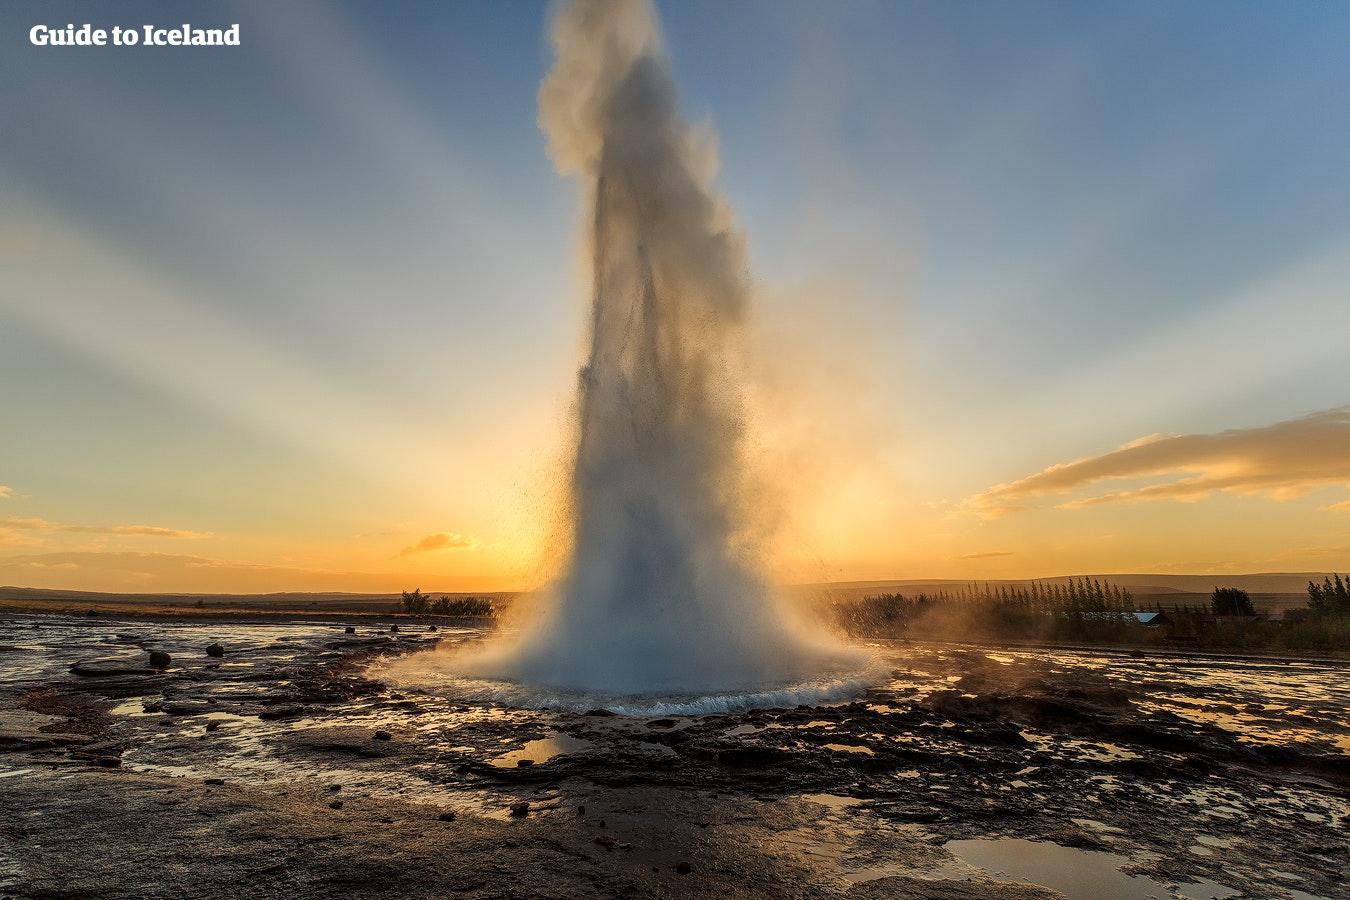 Gyllene cirkeln är en av Islands mest populära sightseeingrutter.